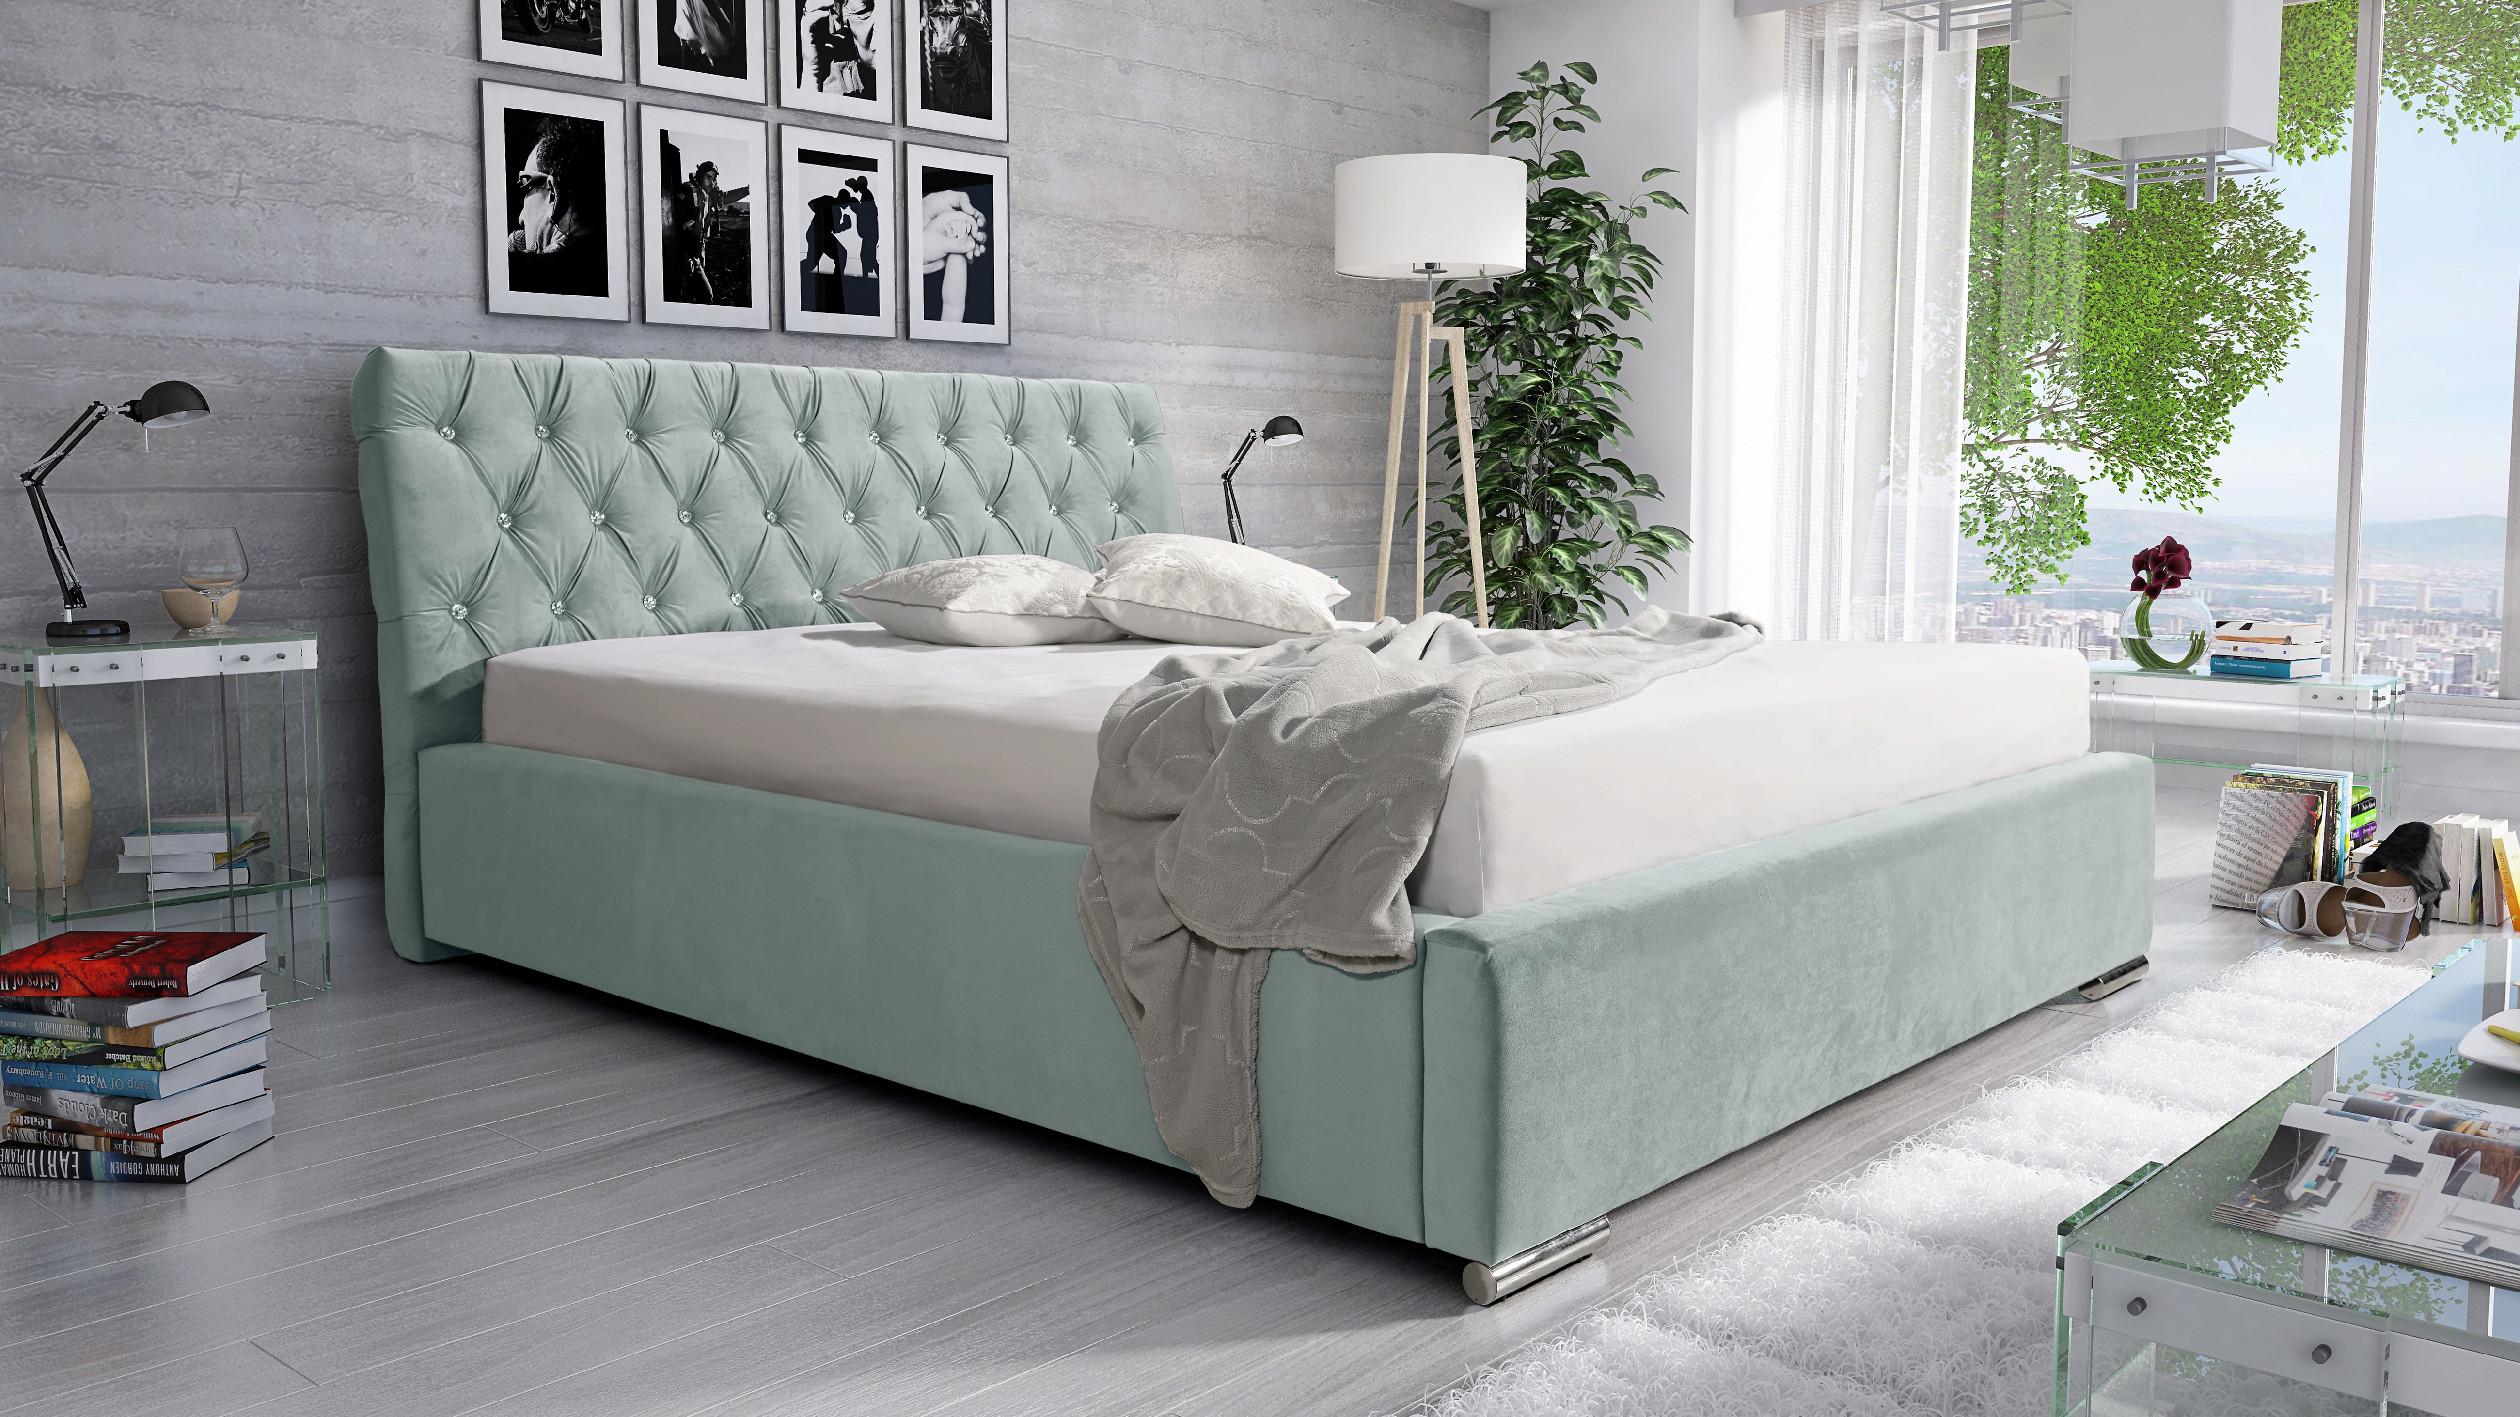 Levně Eka Čalouněná postel Luxurious 160x200 cm Barva látky Casablanca: Mintová (21)